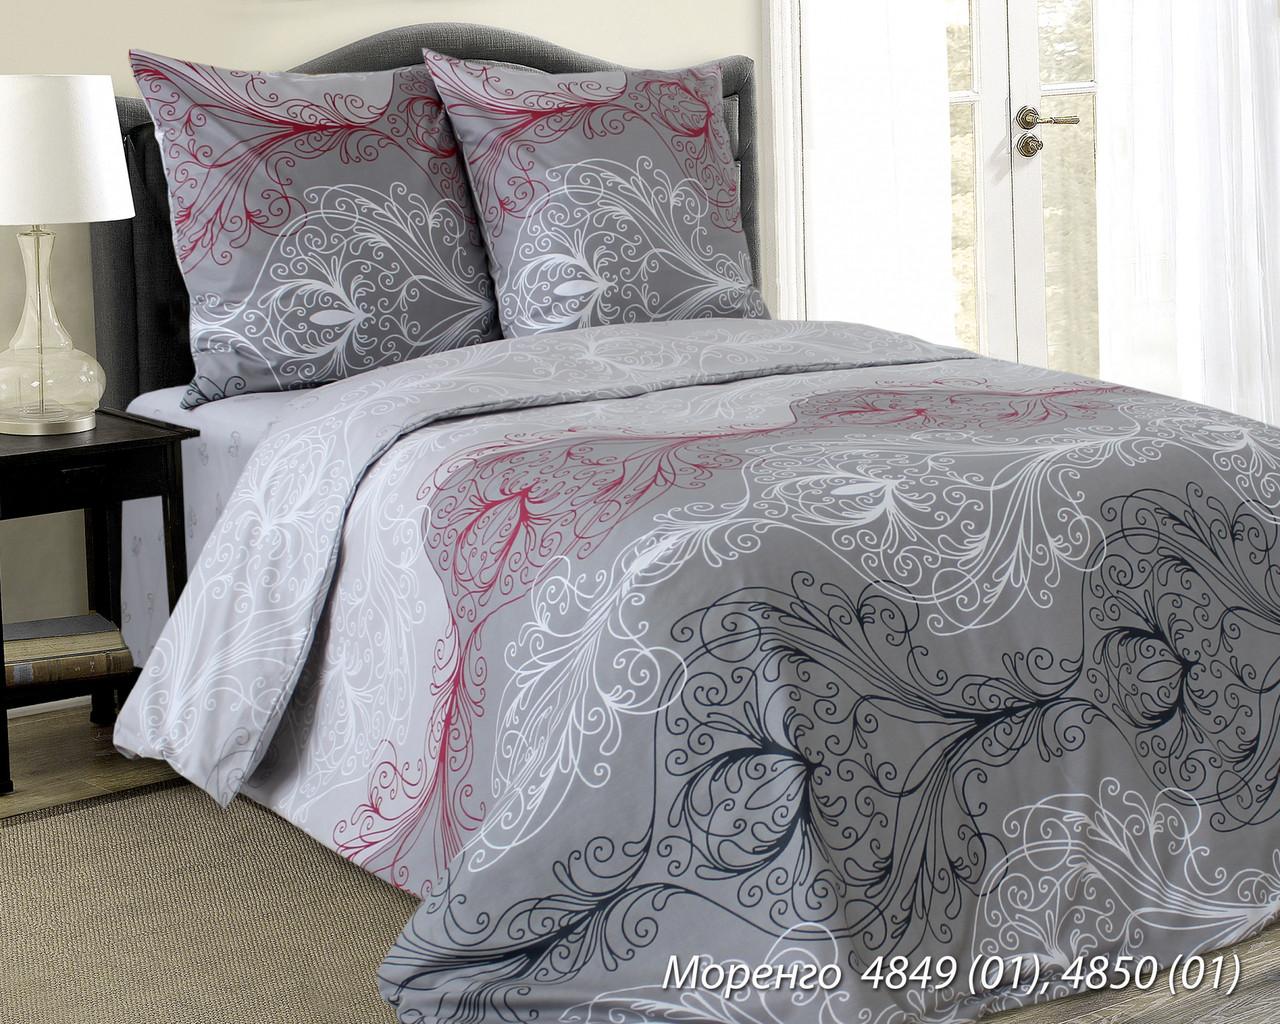 Комплект постельного белья двуспальный МОРЕНГО ( нав. 70*70)